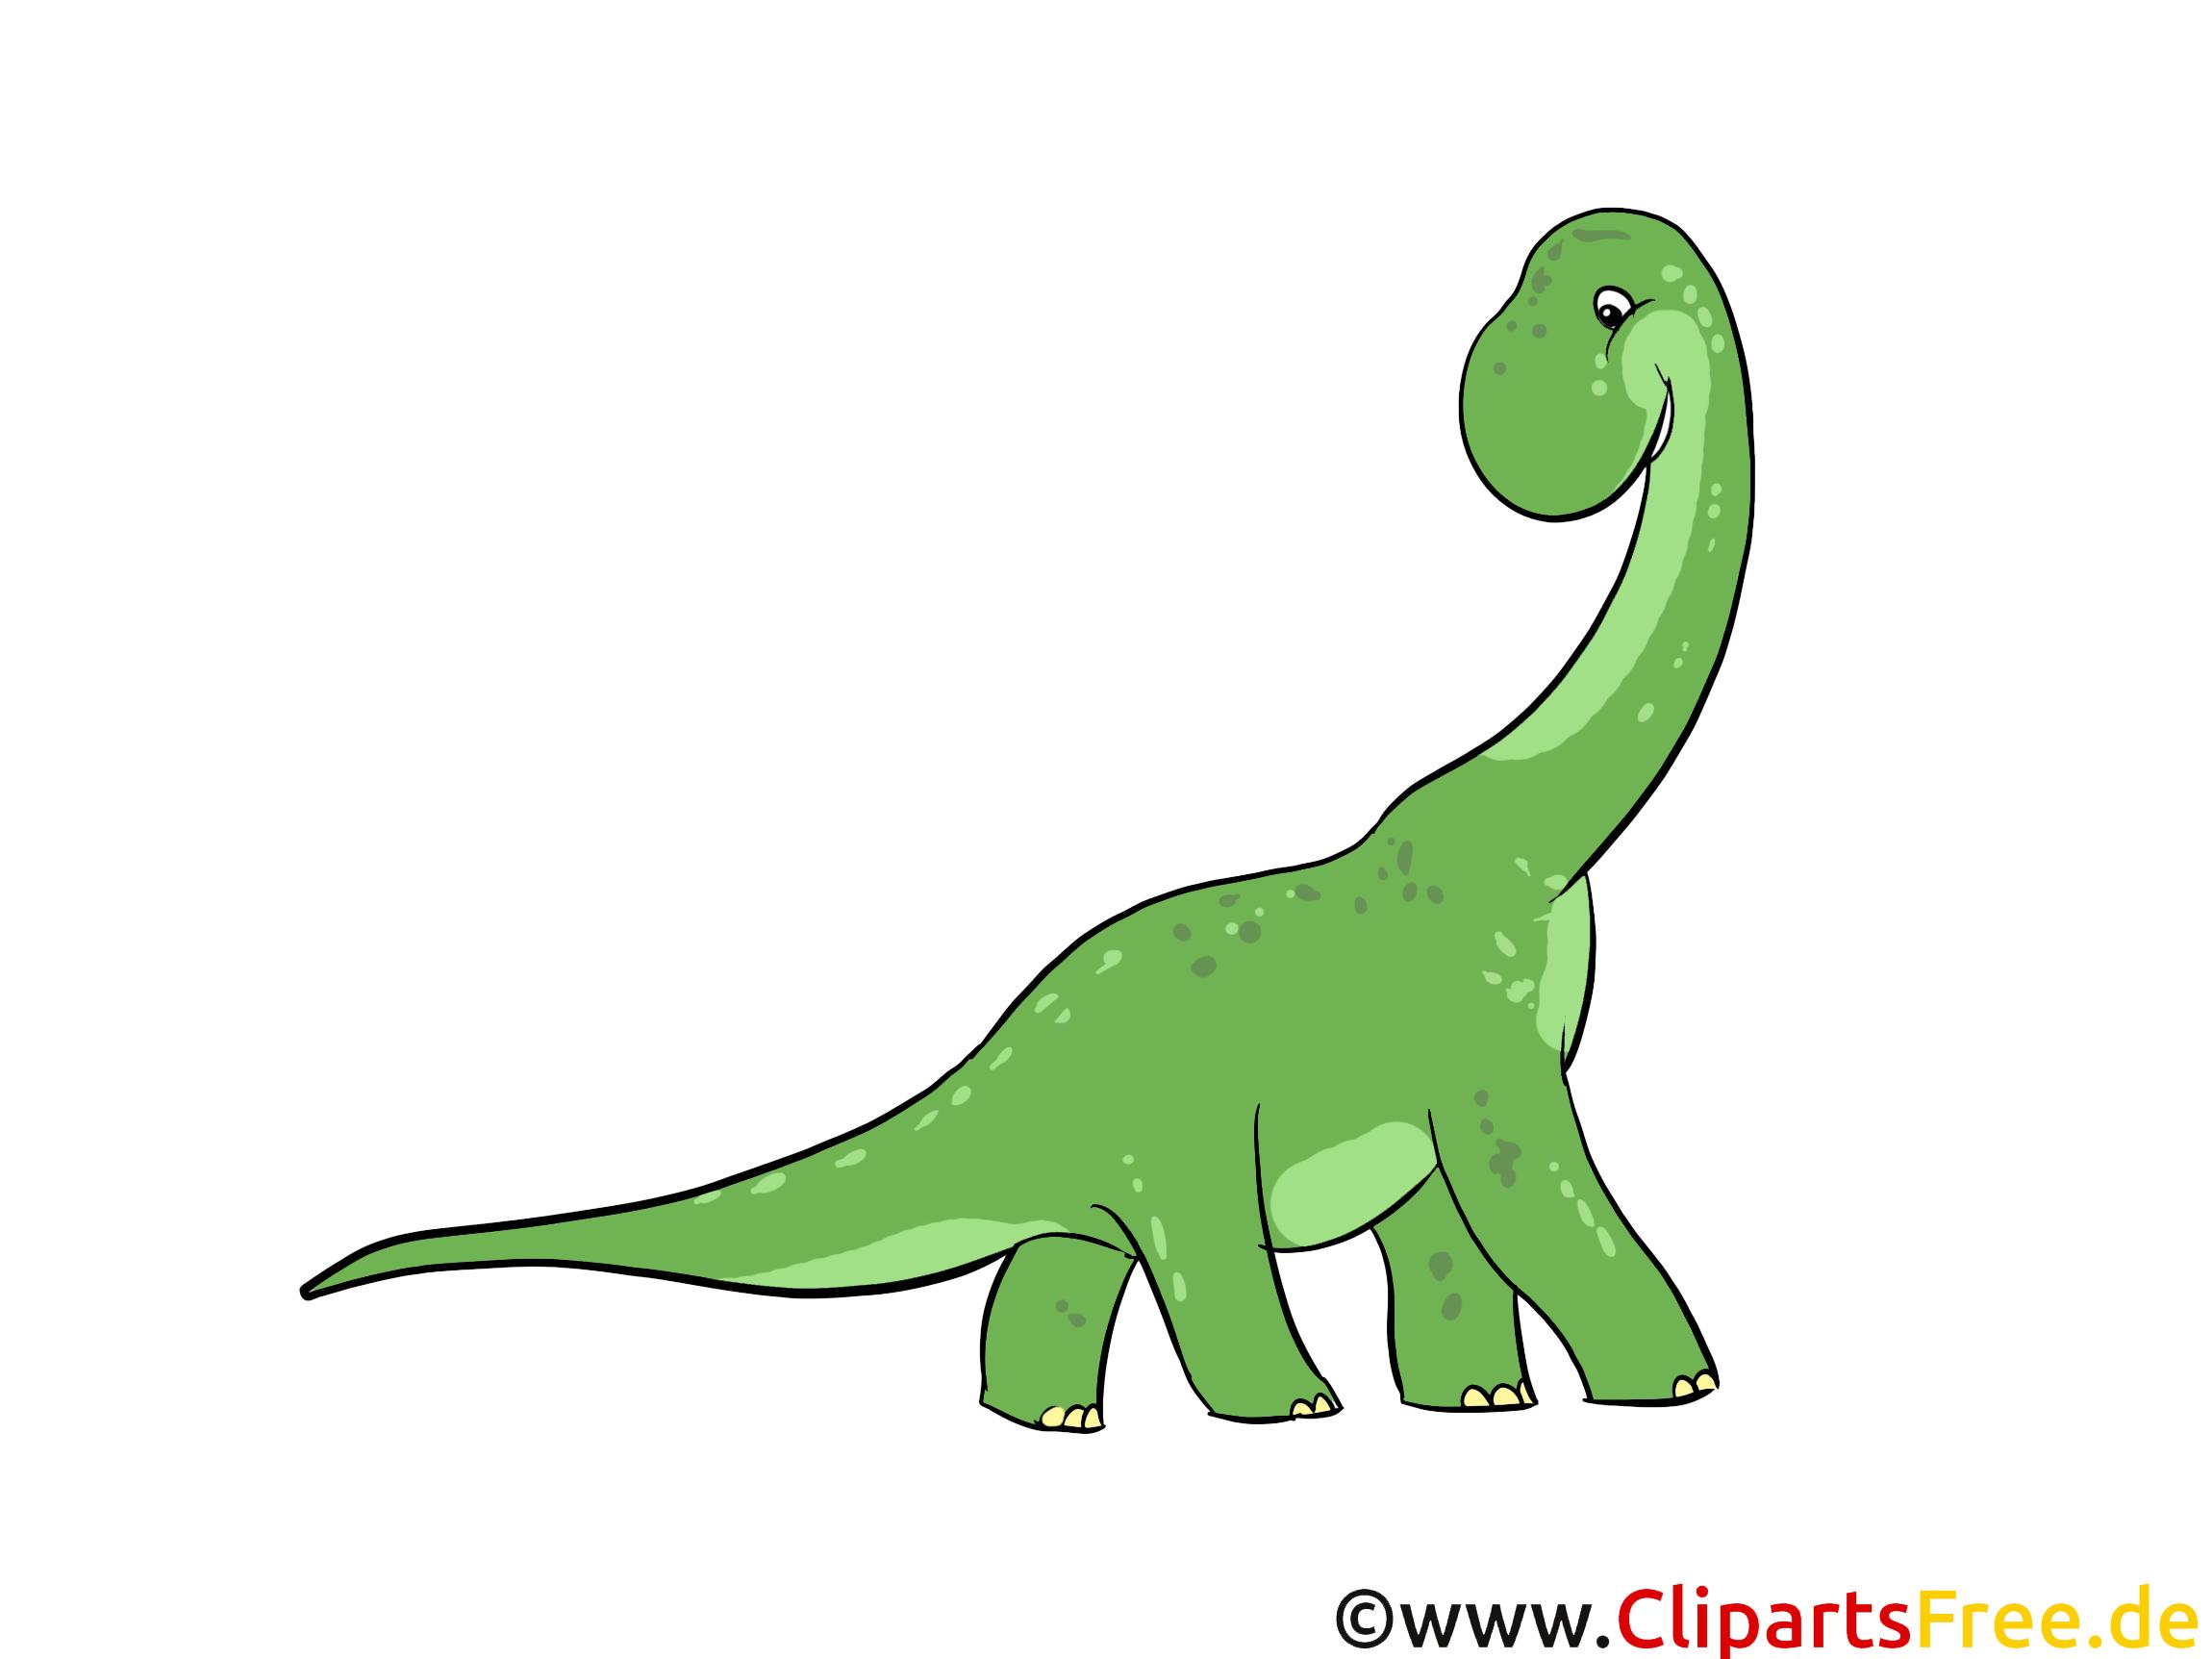 Dino Clipart, Afbeelding, Cartoon, Strip, Illustratie gratis